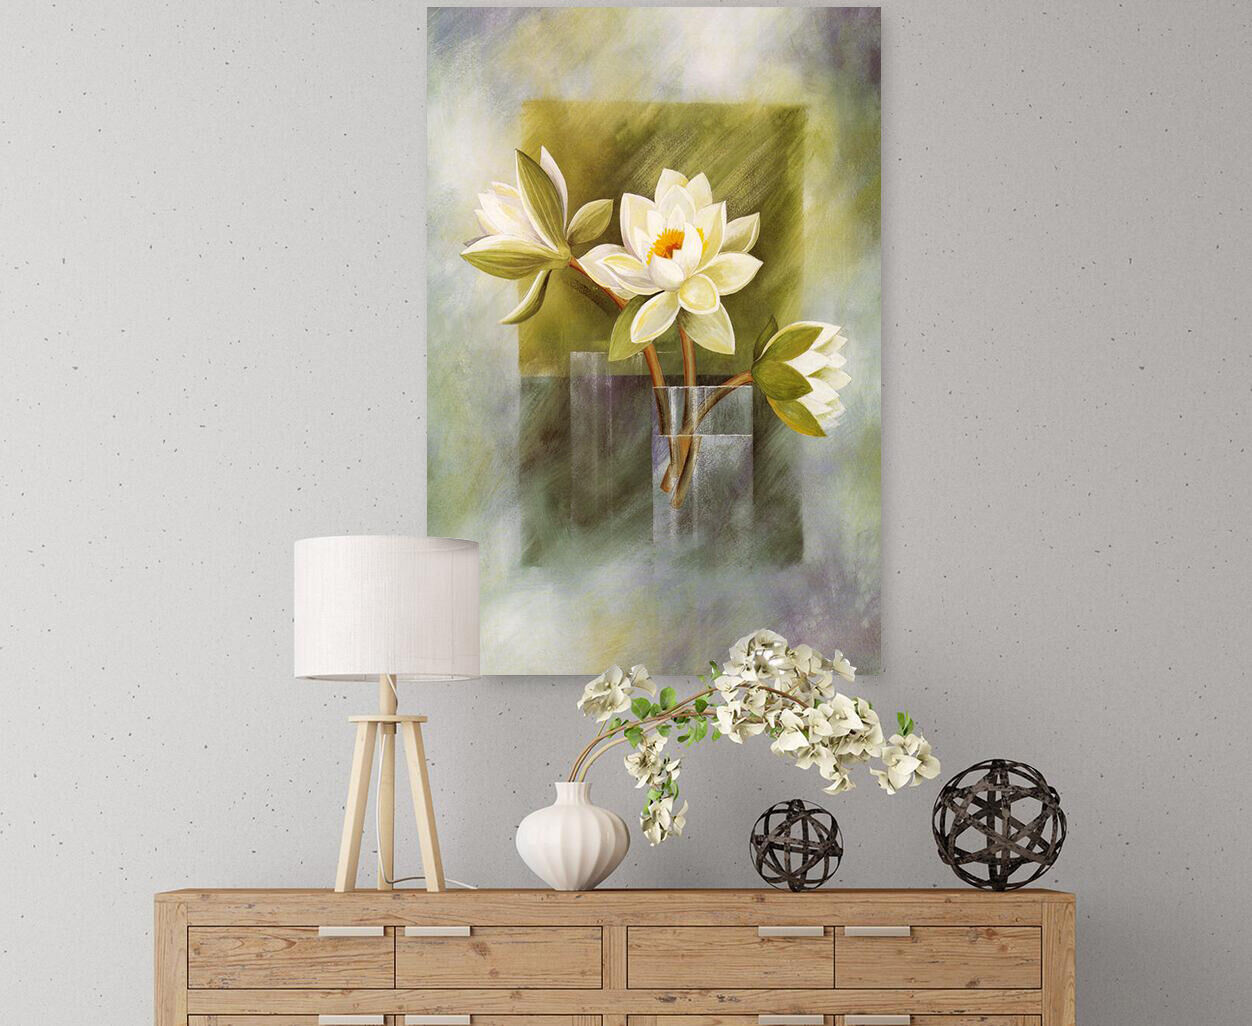 3D whiteer Lotus 2 Fototapeten Wandbild Fototapete Bild Tapete Familie AJSTORE DE